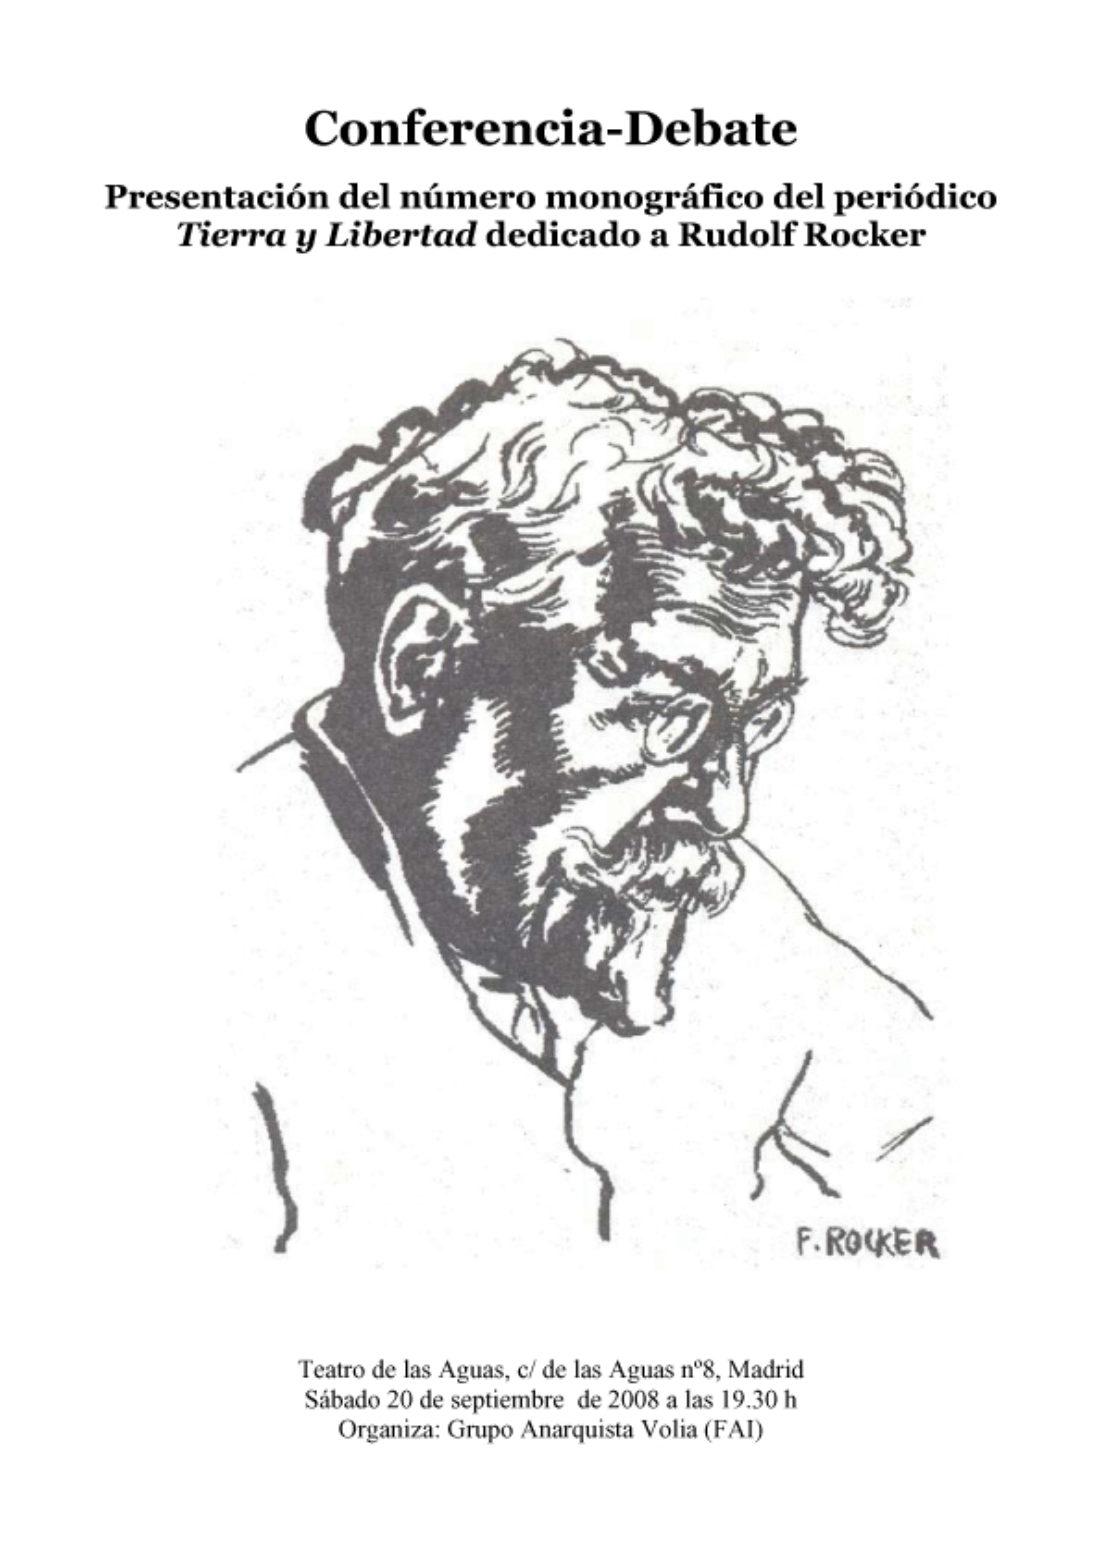 Madrid: Conferencia-Debate sobre Rudolf Rocker